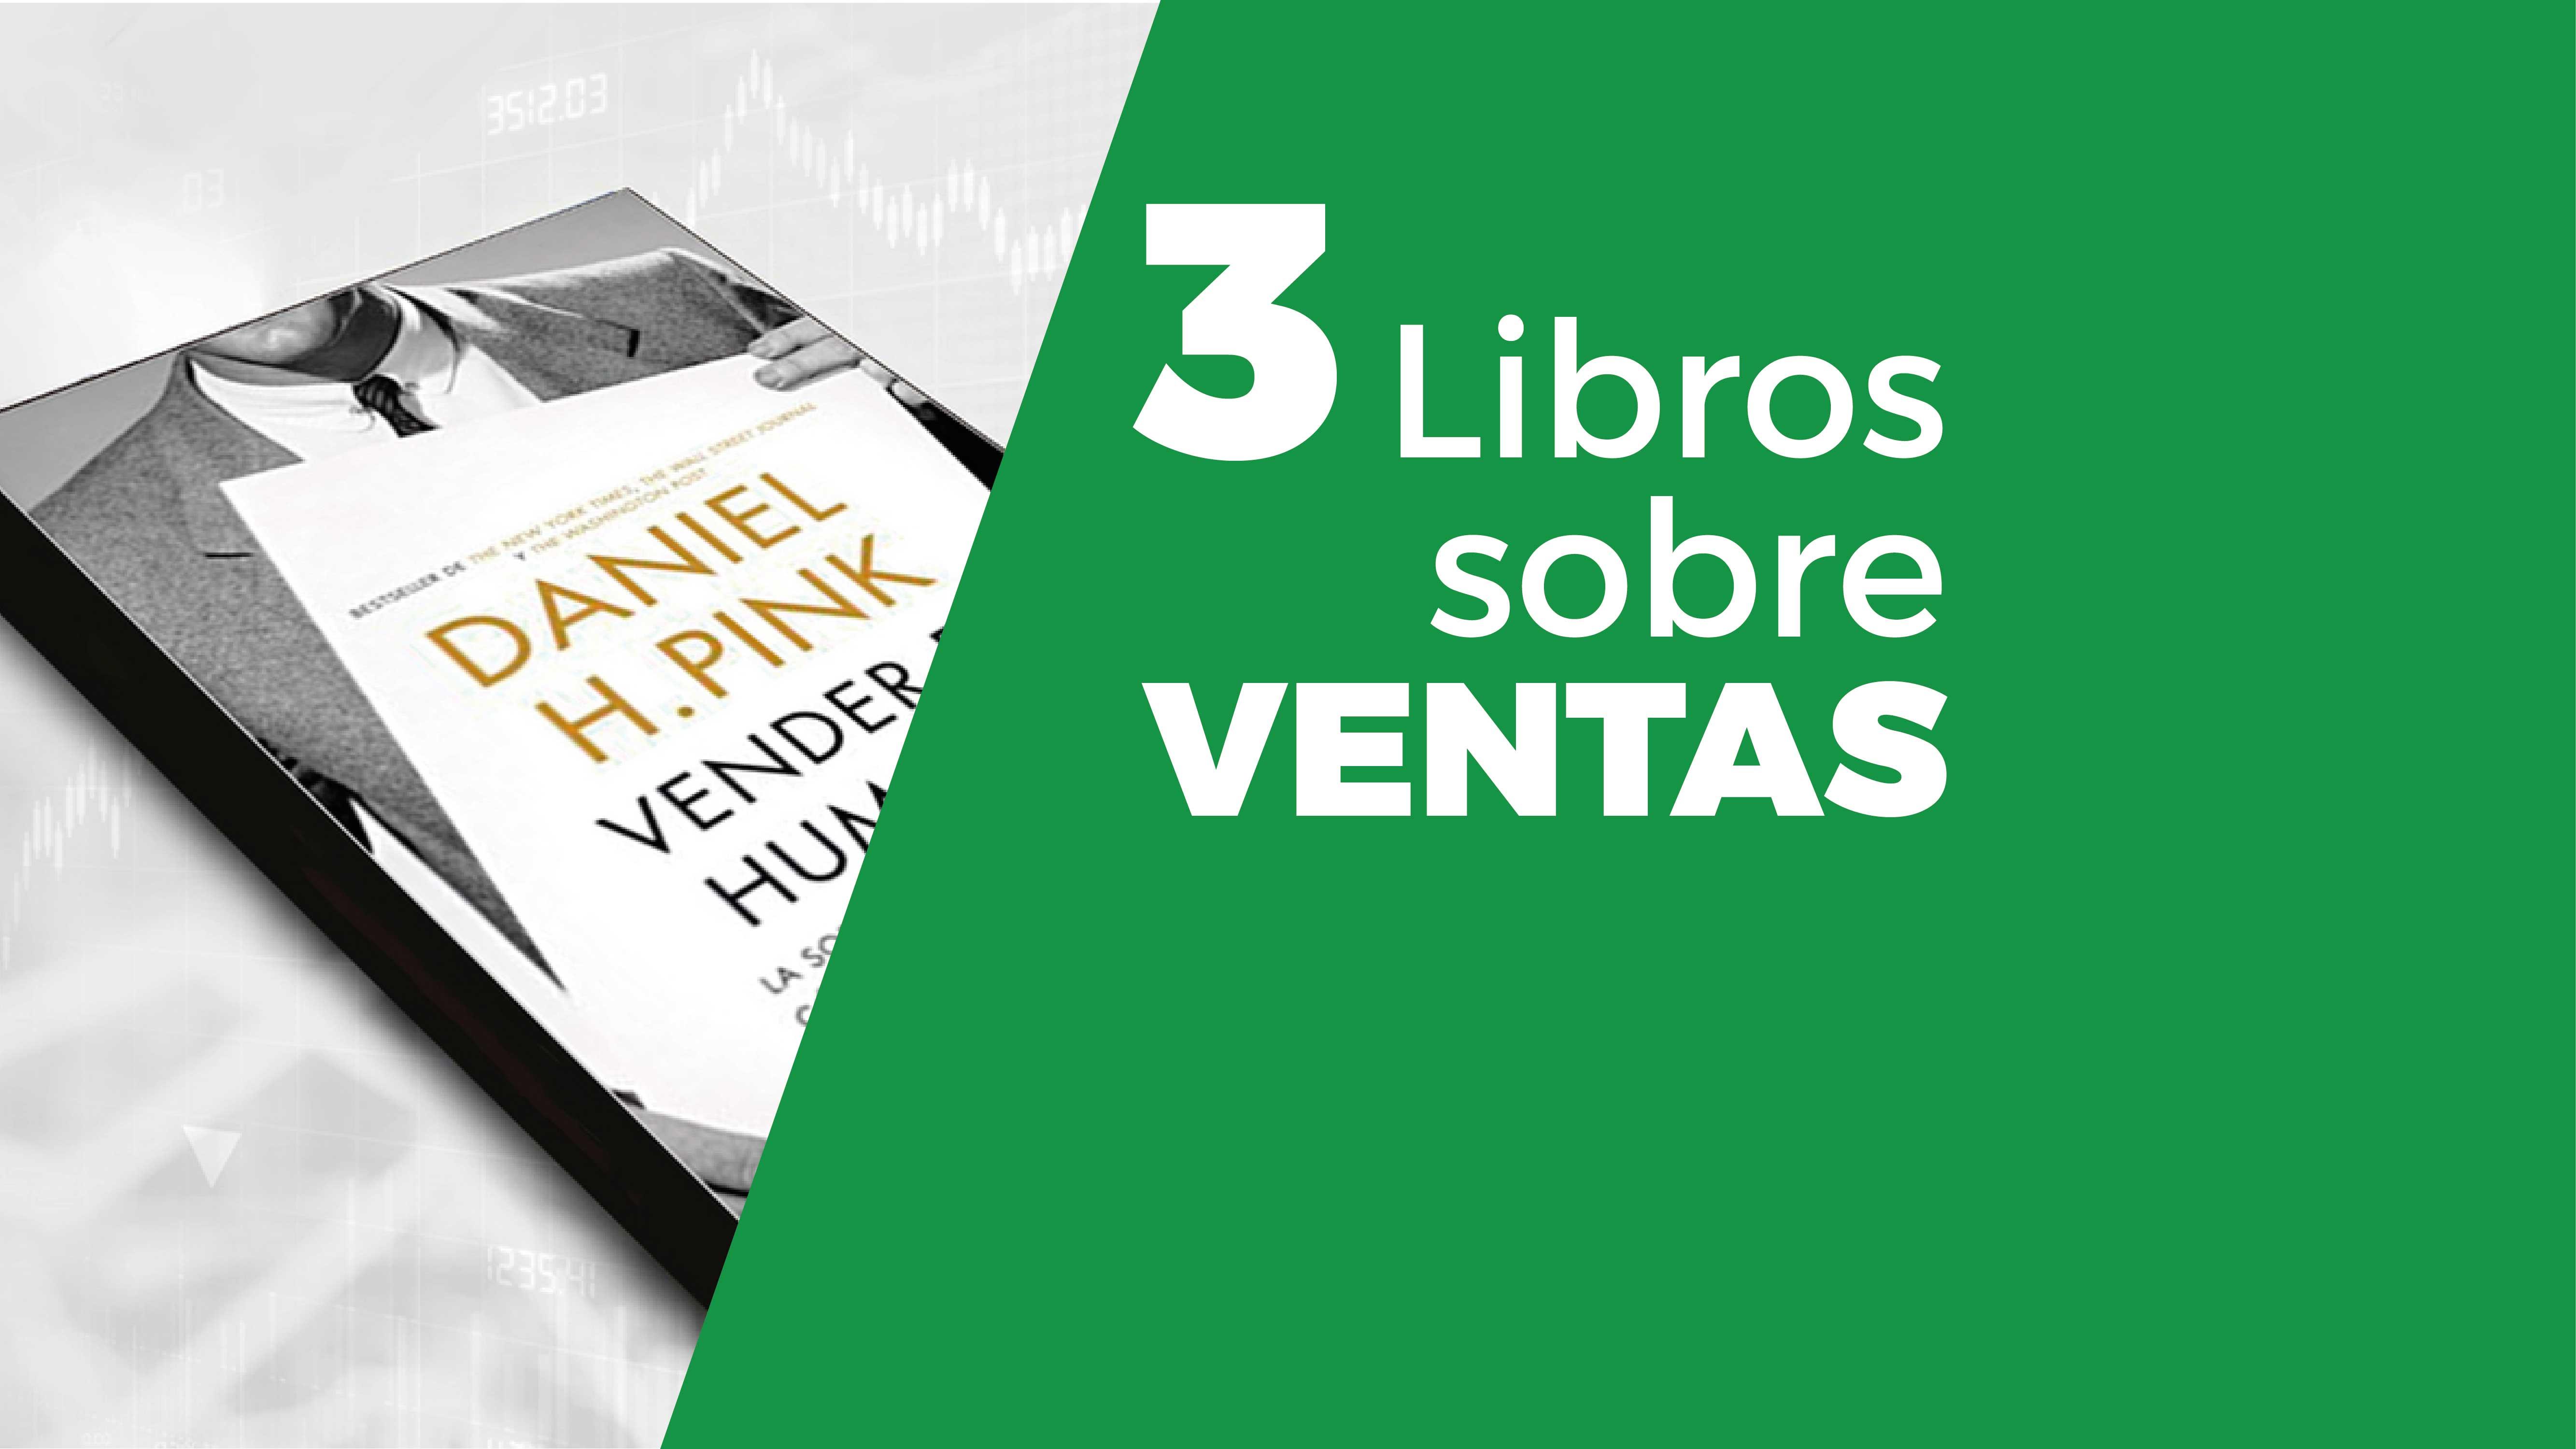 #PregúntaleAFelipe: 3 libros sobre ventas que siempre recomiendo